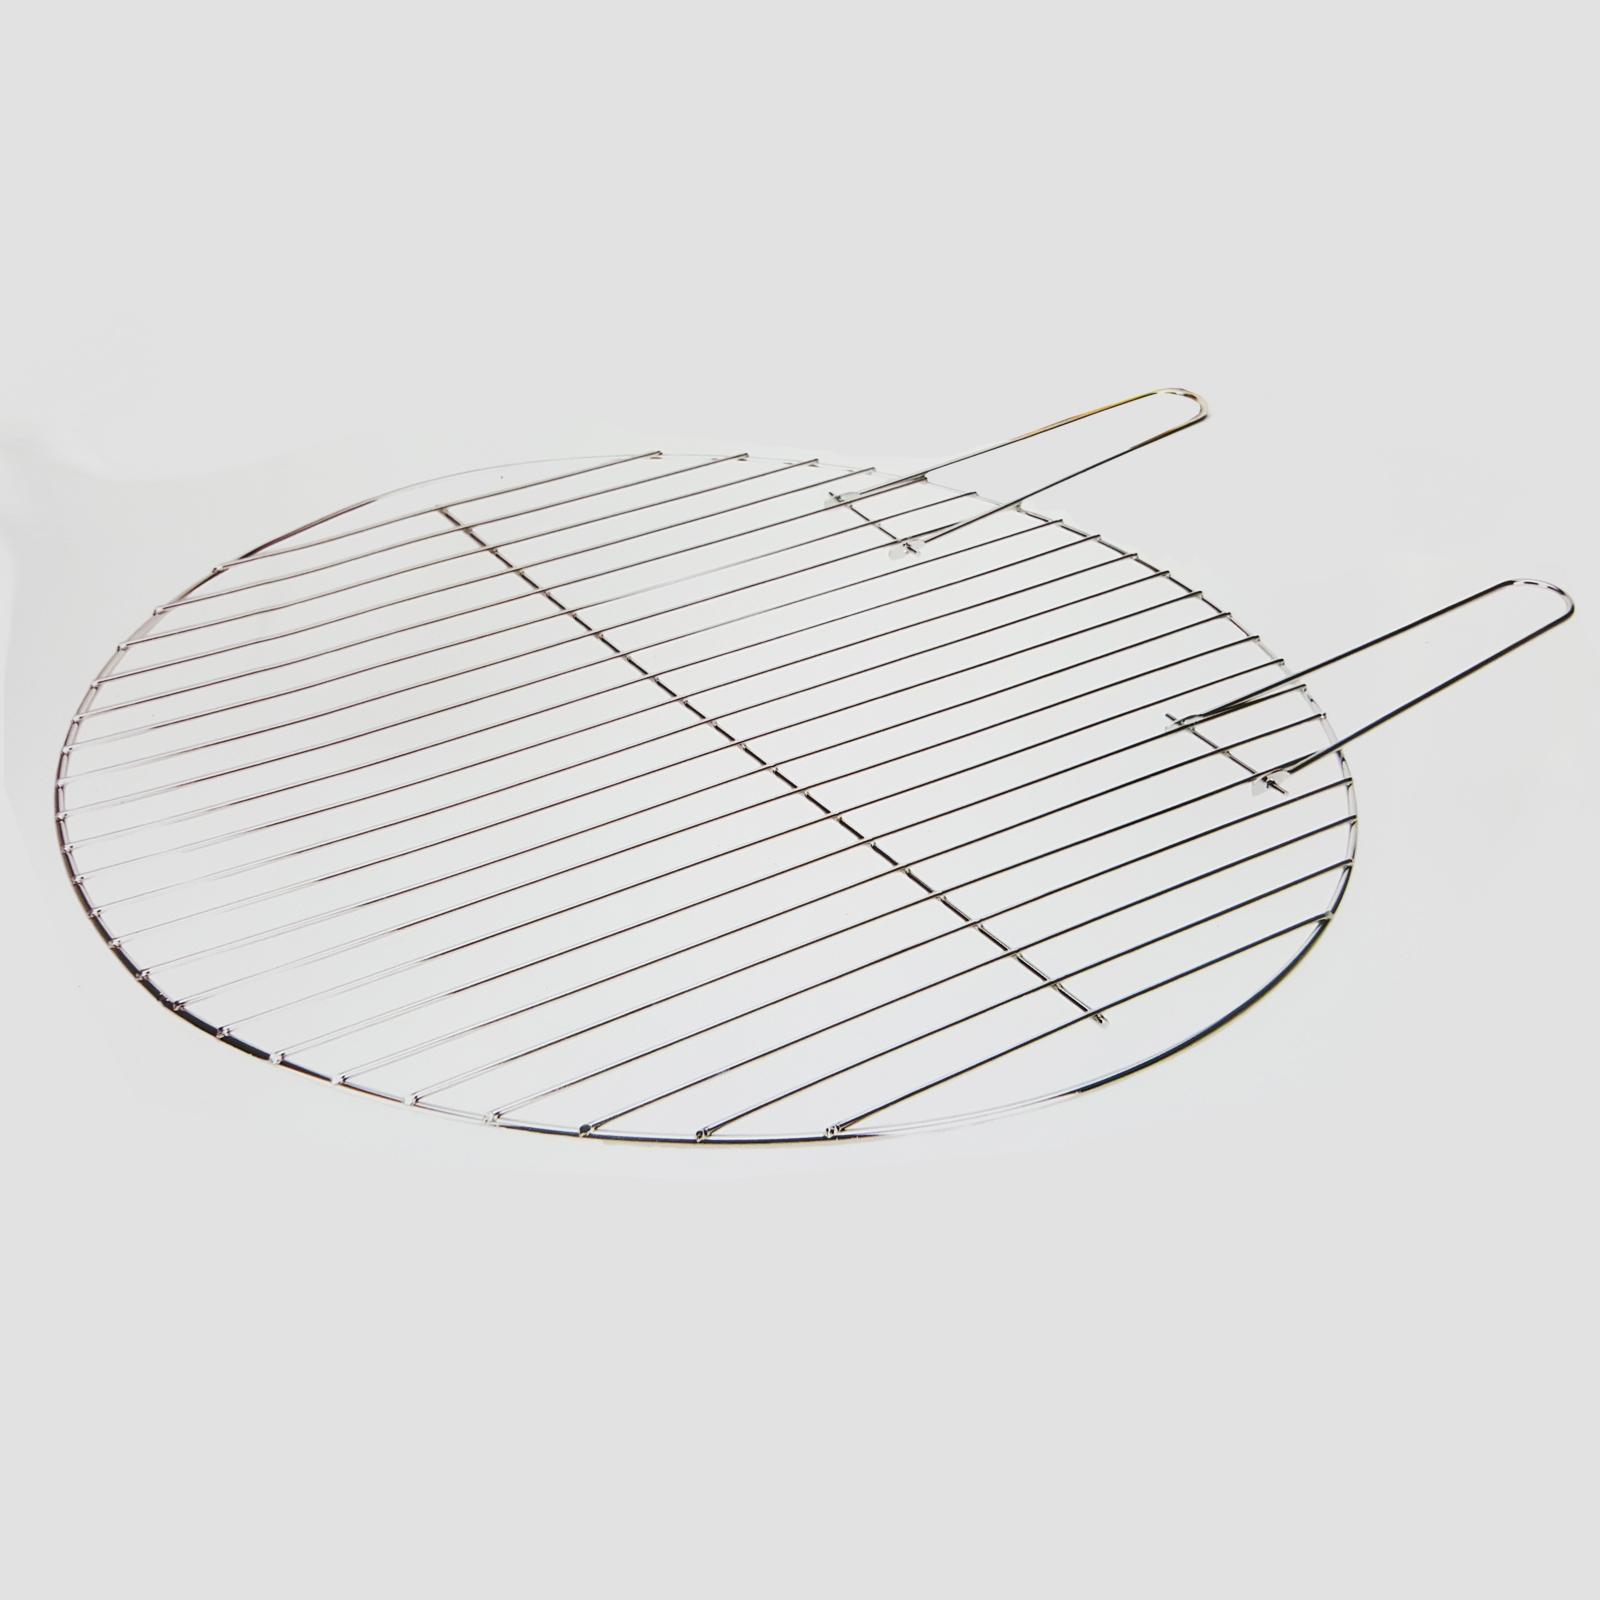 grillrost rund 47 cm backburner grill nachr sten. Black Bedroom Furniture Sets. Home Design Ideas